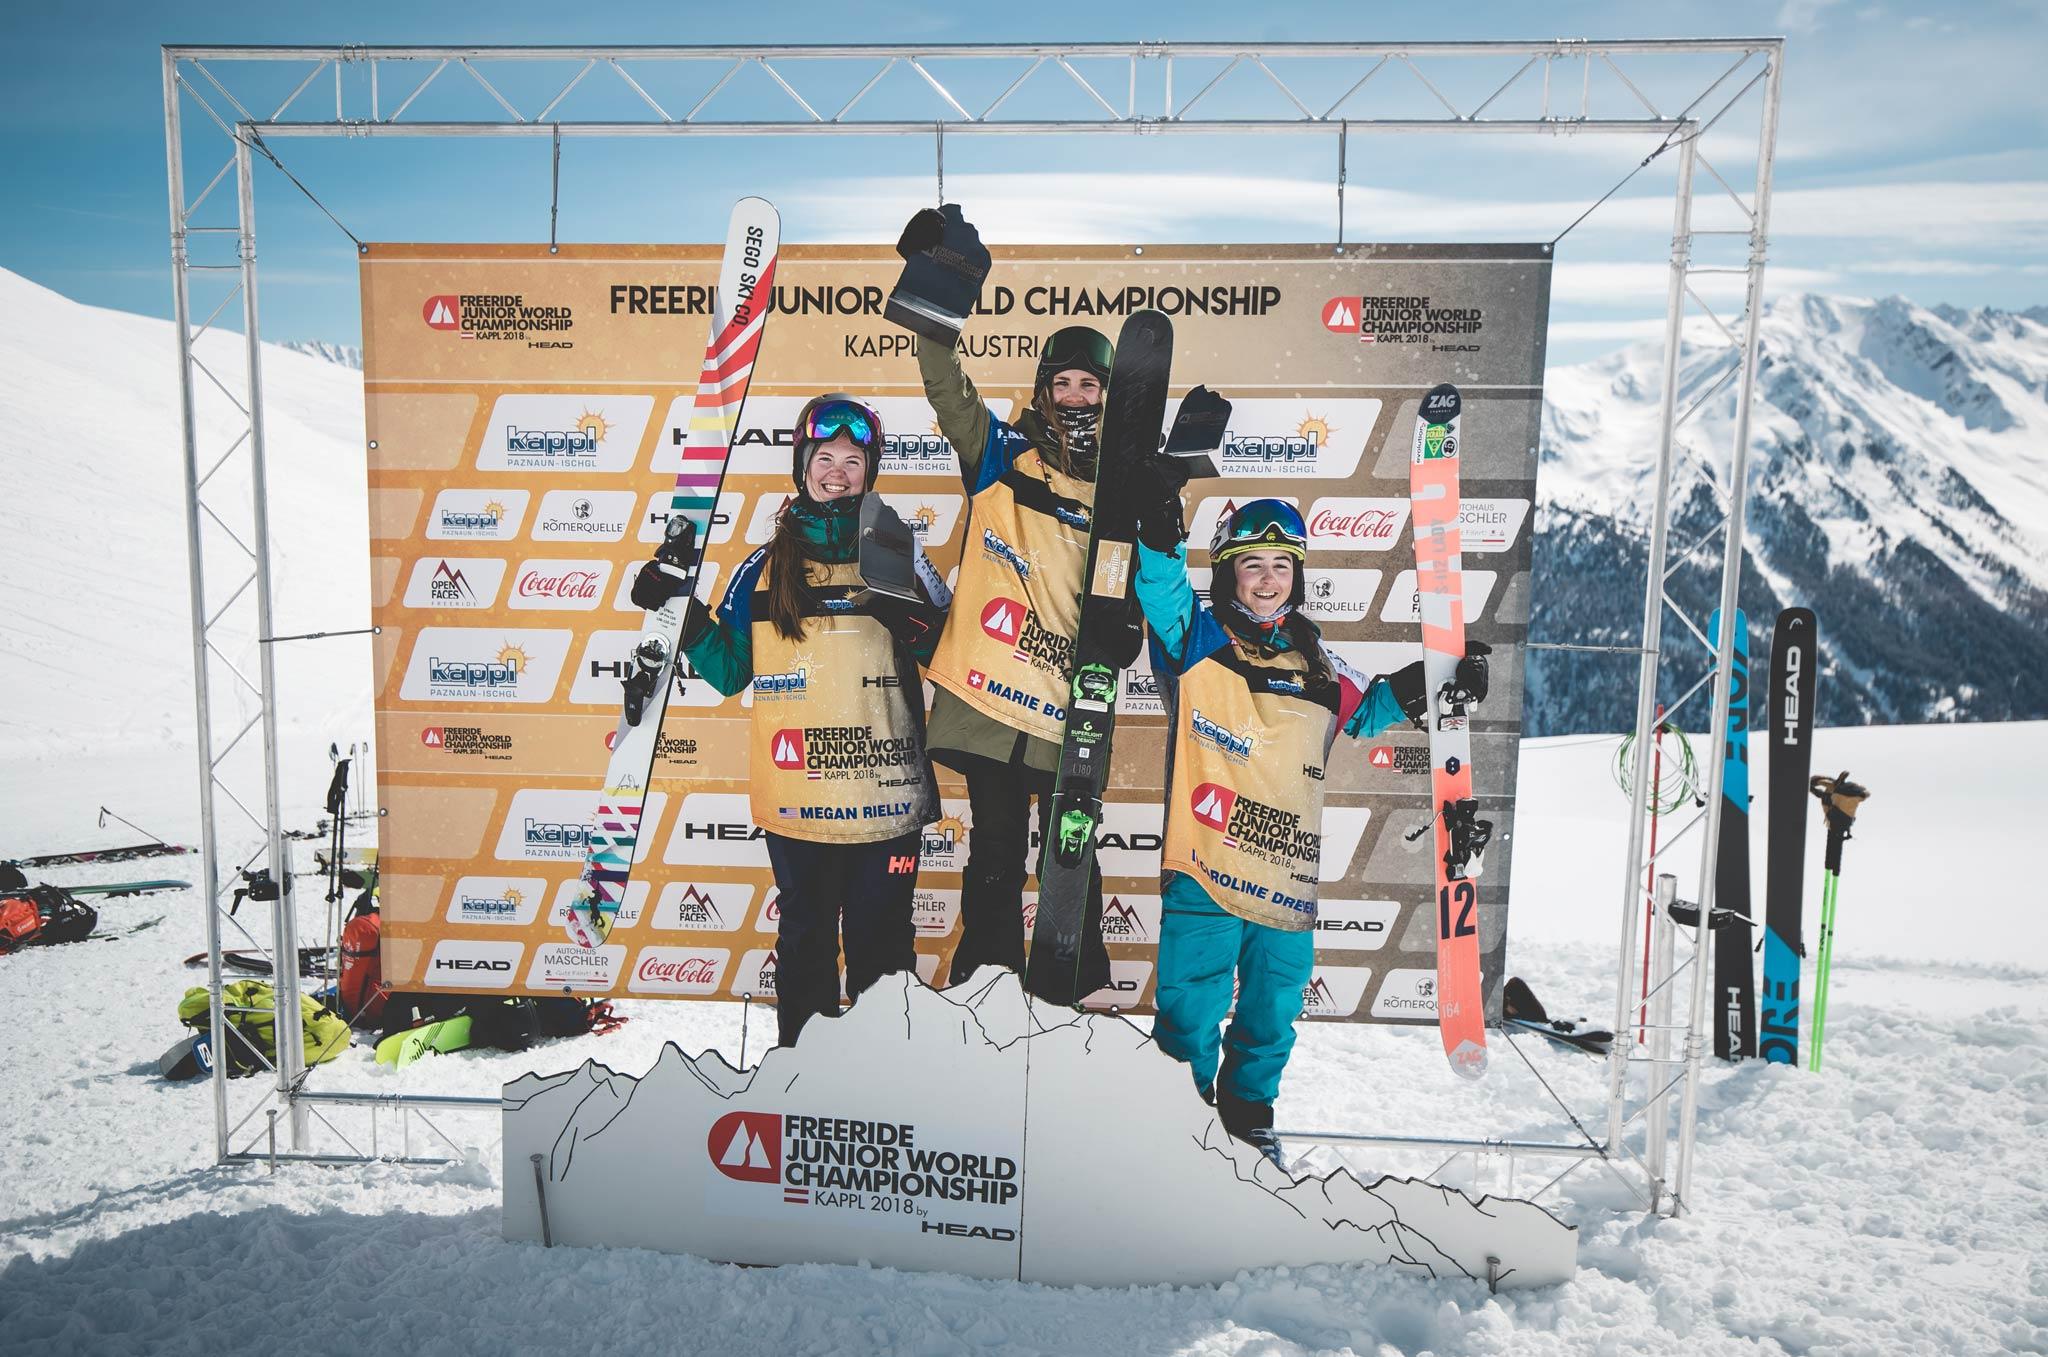 Die drei besten Frauen bei den Freeride Junior World Championship 2018: Megan Rielly, Marie Bovard und Caroline Dreier - Foto: Open Faces / Mia Knoll